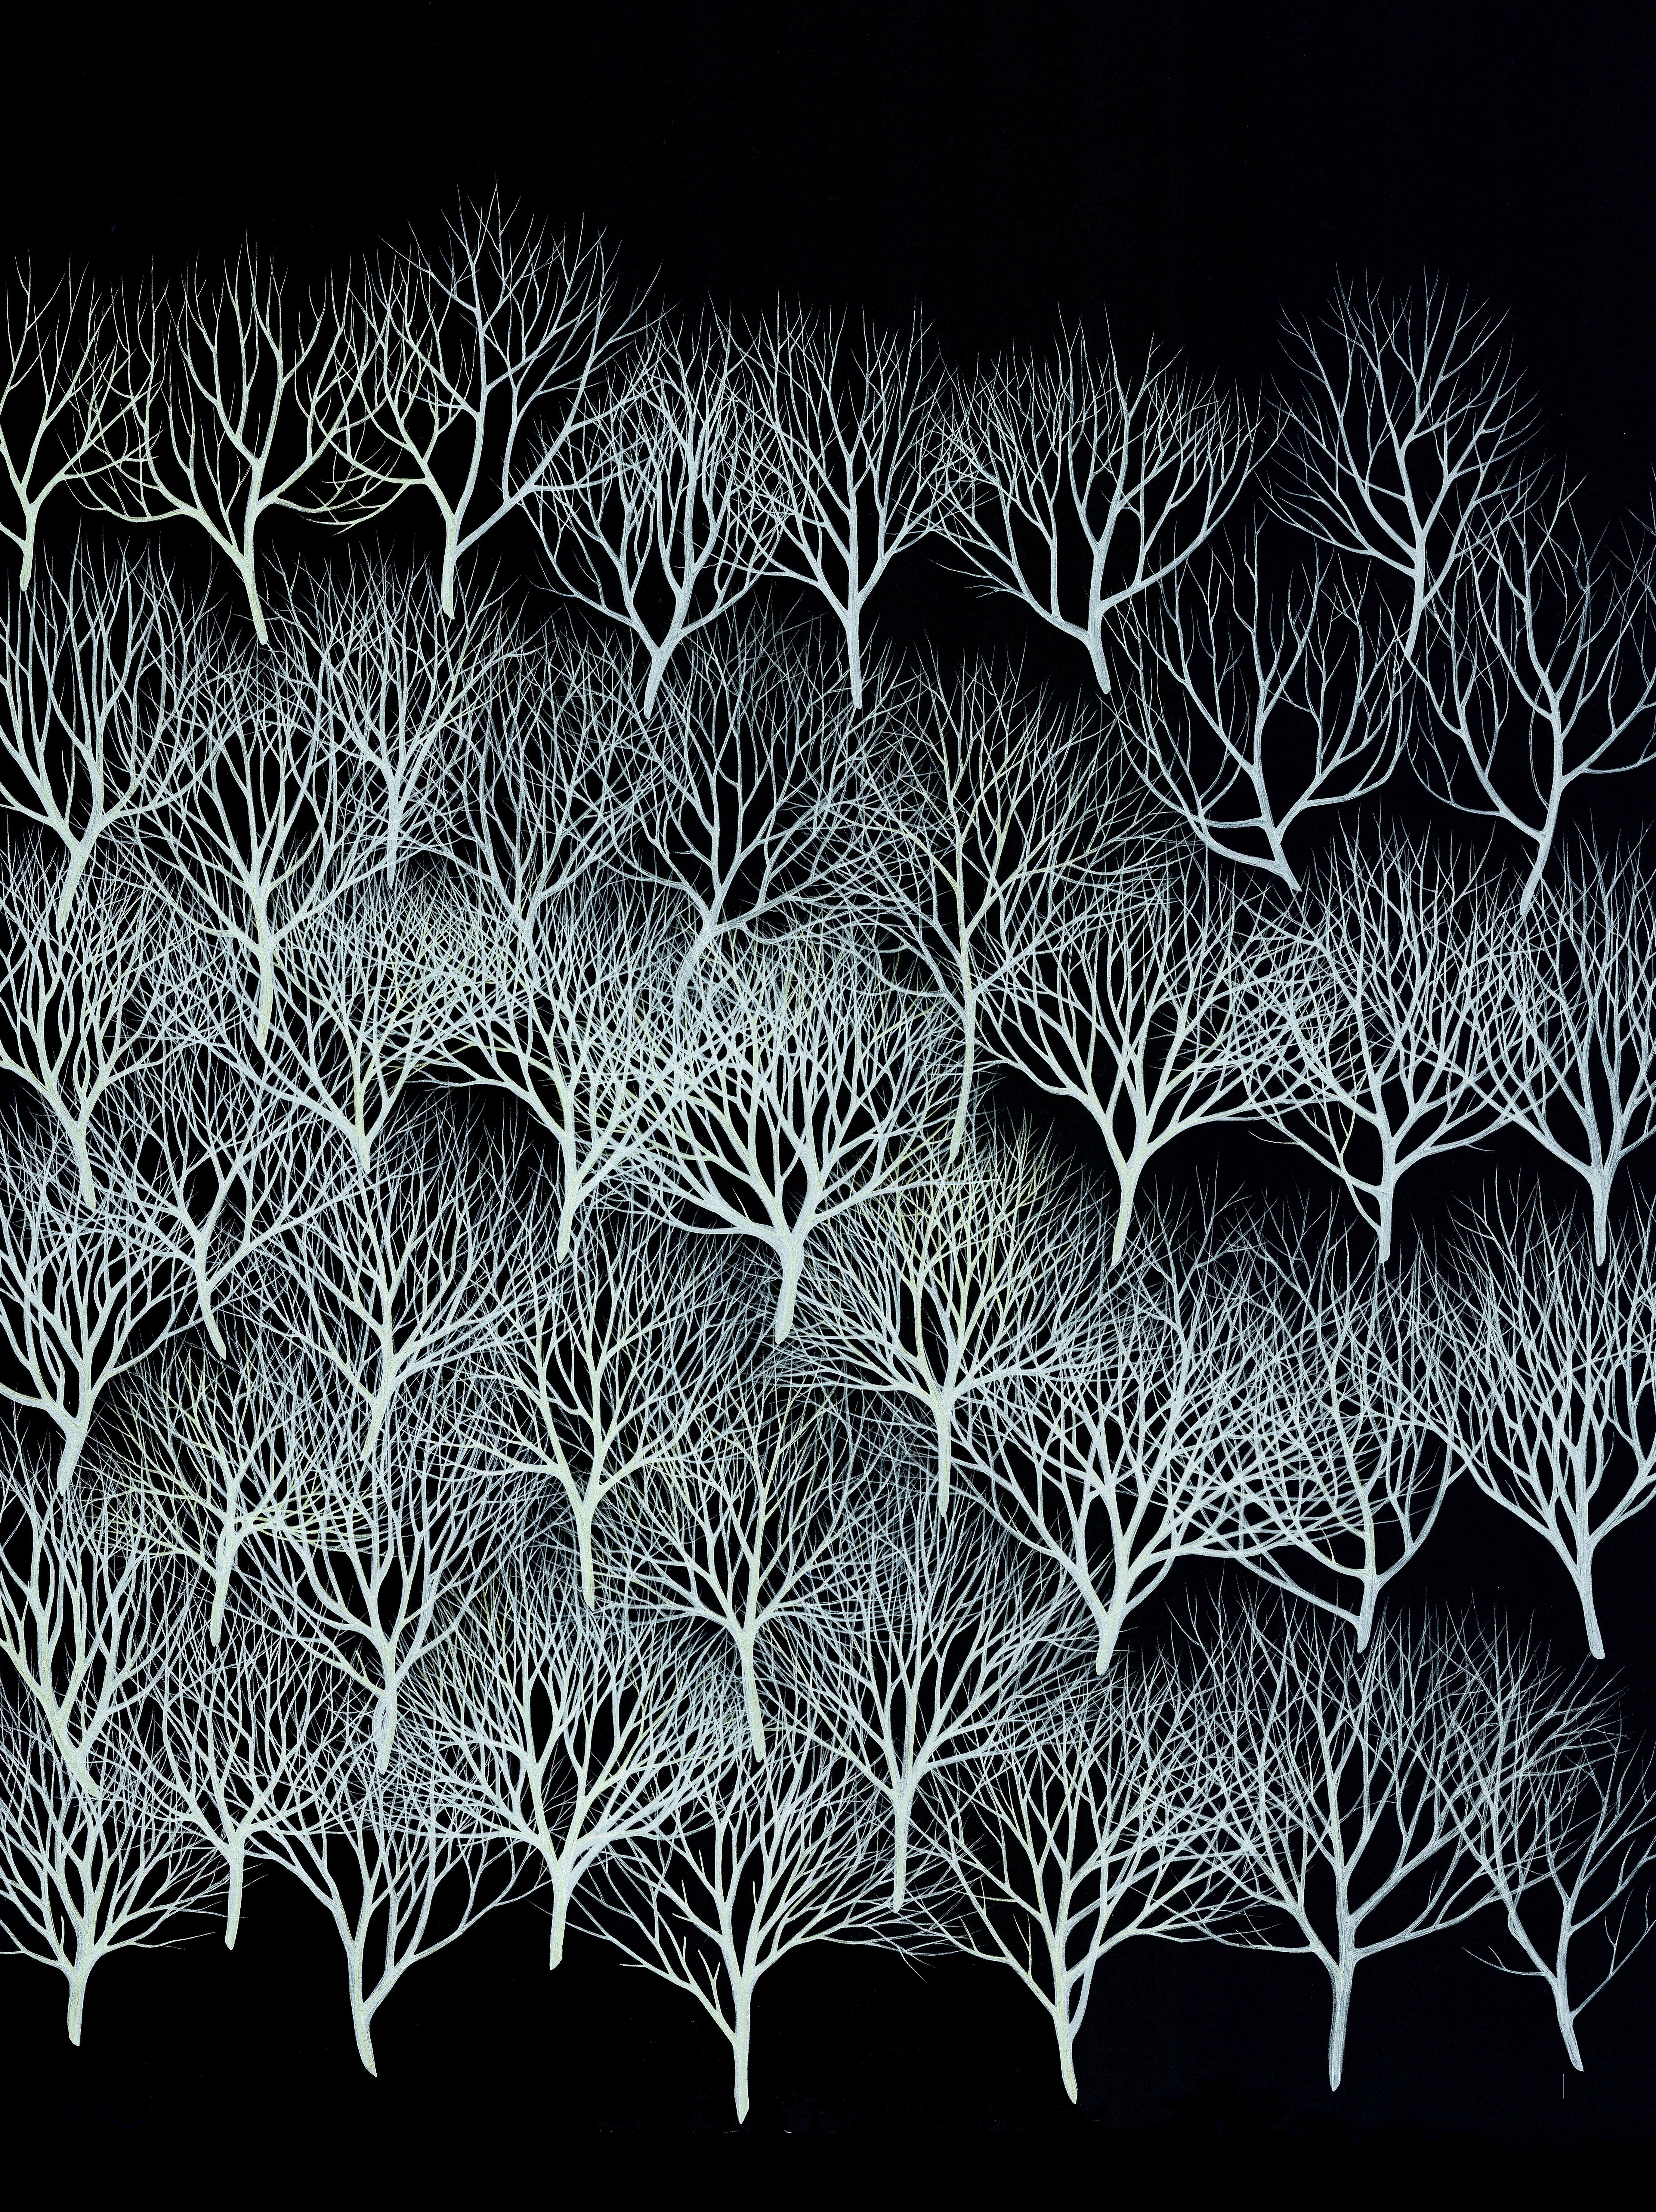 neuroforest